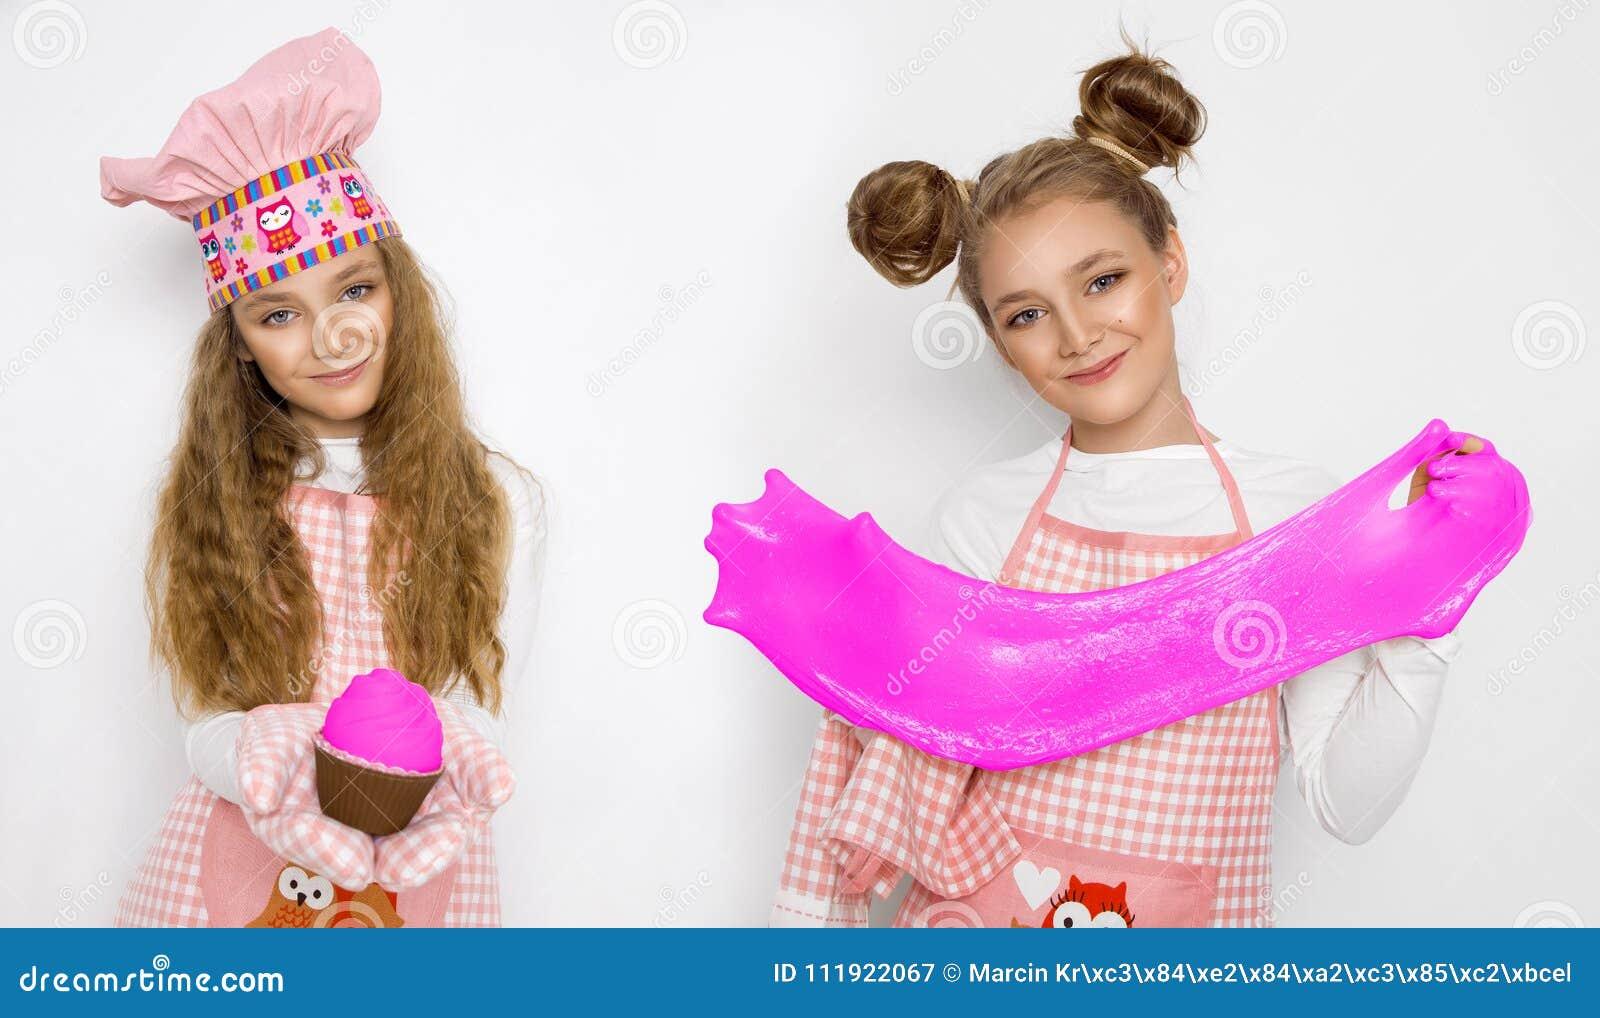 Милая смешная девушка с шламом в кухне Девушка варит и печет ее булочки, делает торт и шлам